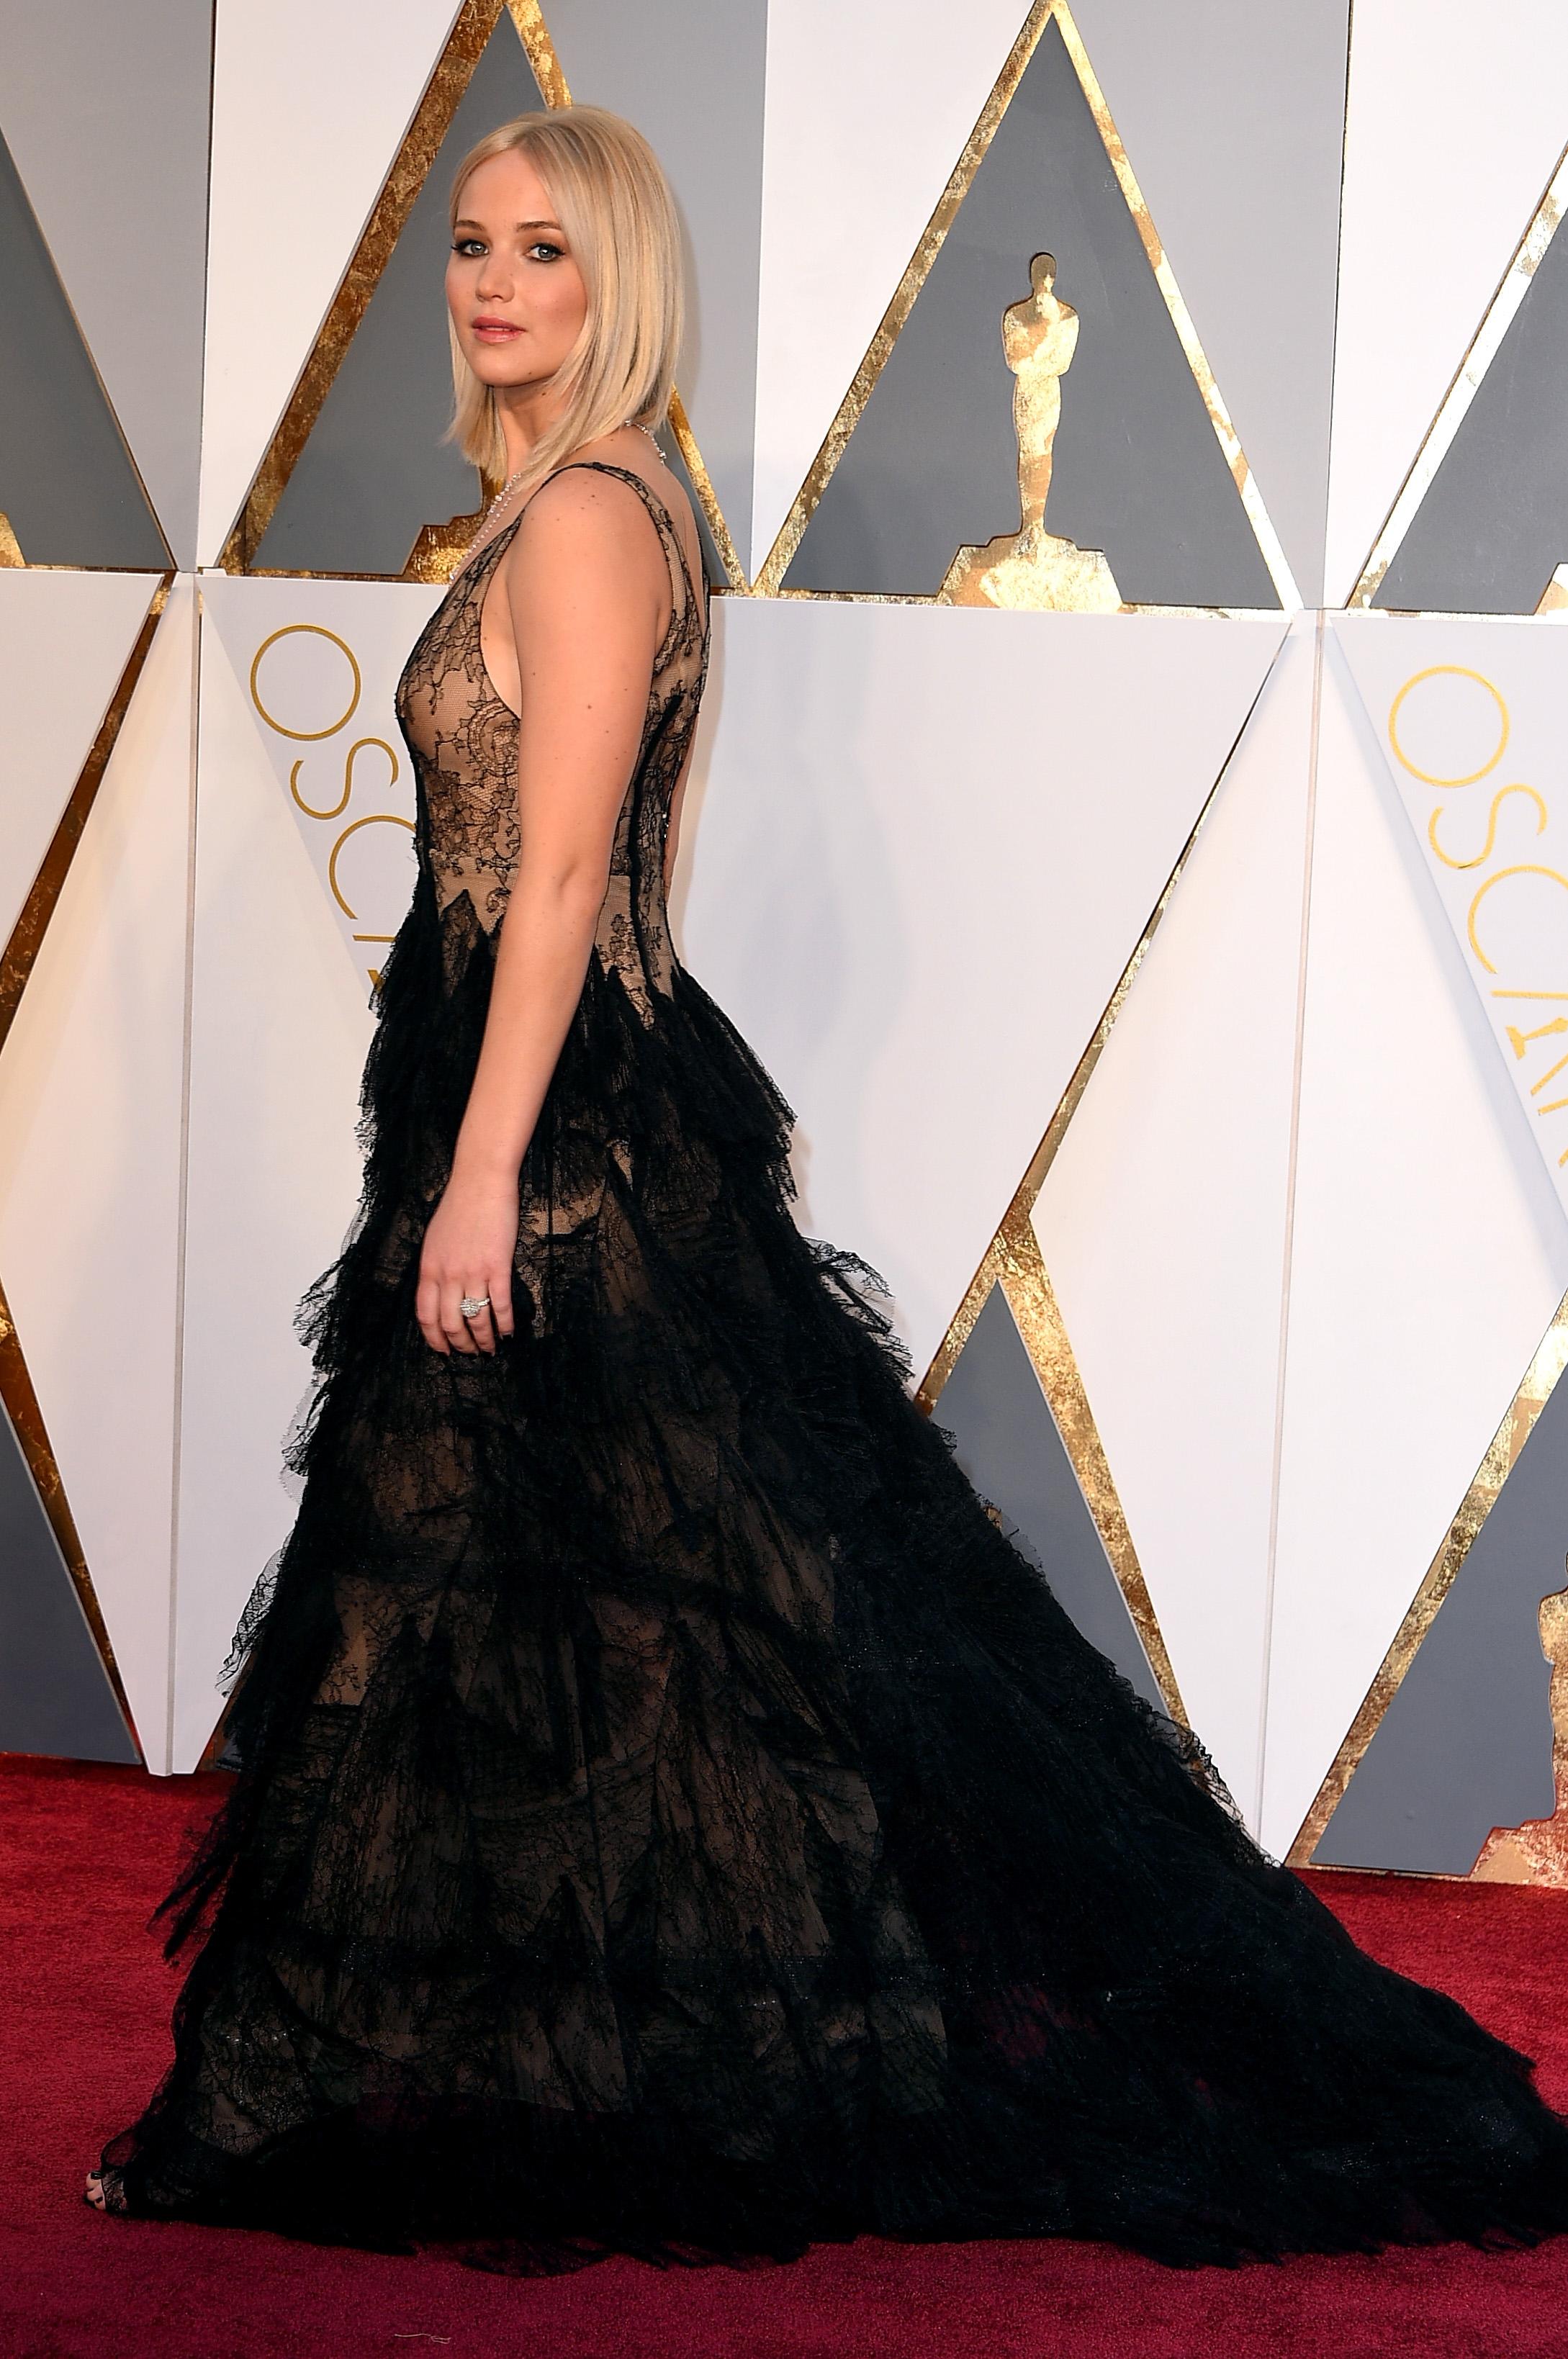 I Migliori Look Degli Oscar 2016